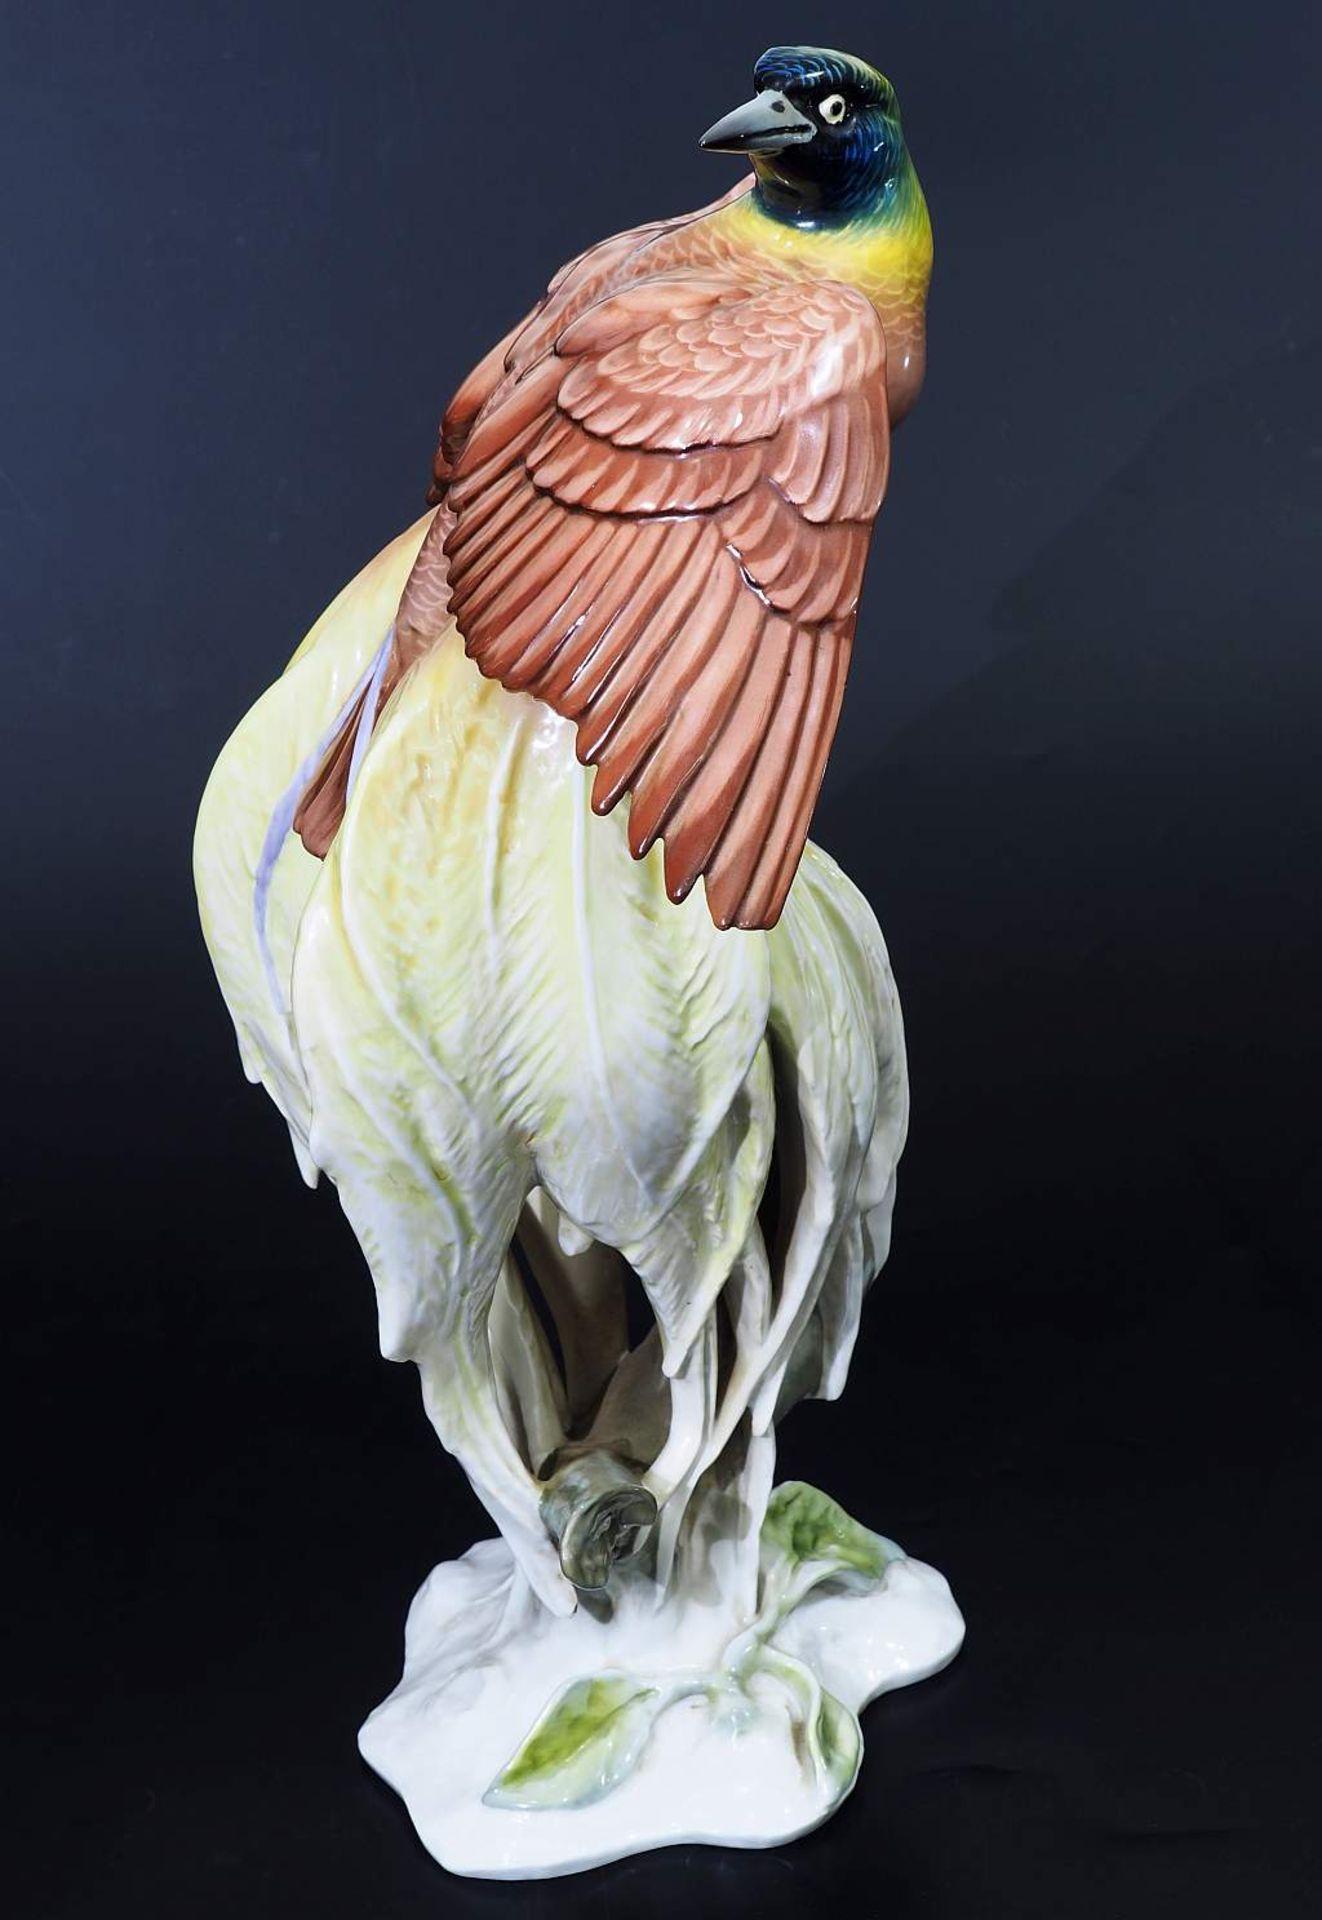 """Große Tierplastik """"Paradiesvogel"""". Große Tierplastik """"Paradiesvogel"""". ROSENTHAL Kunstabteilung Selb, - Bild 3 aus 8"""